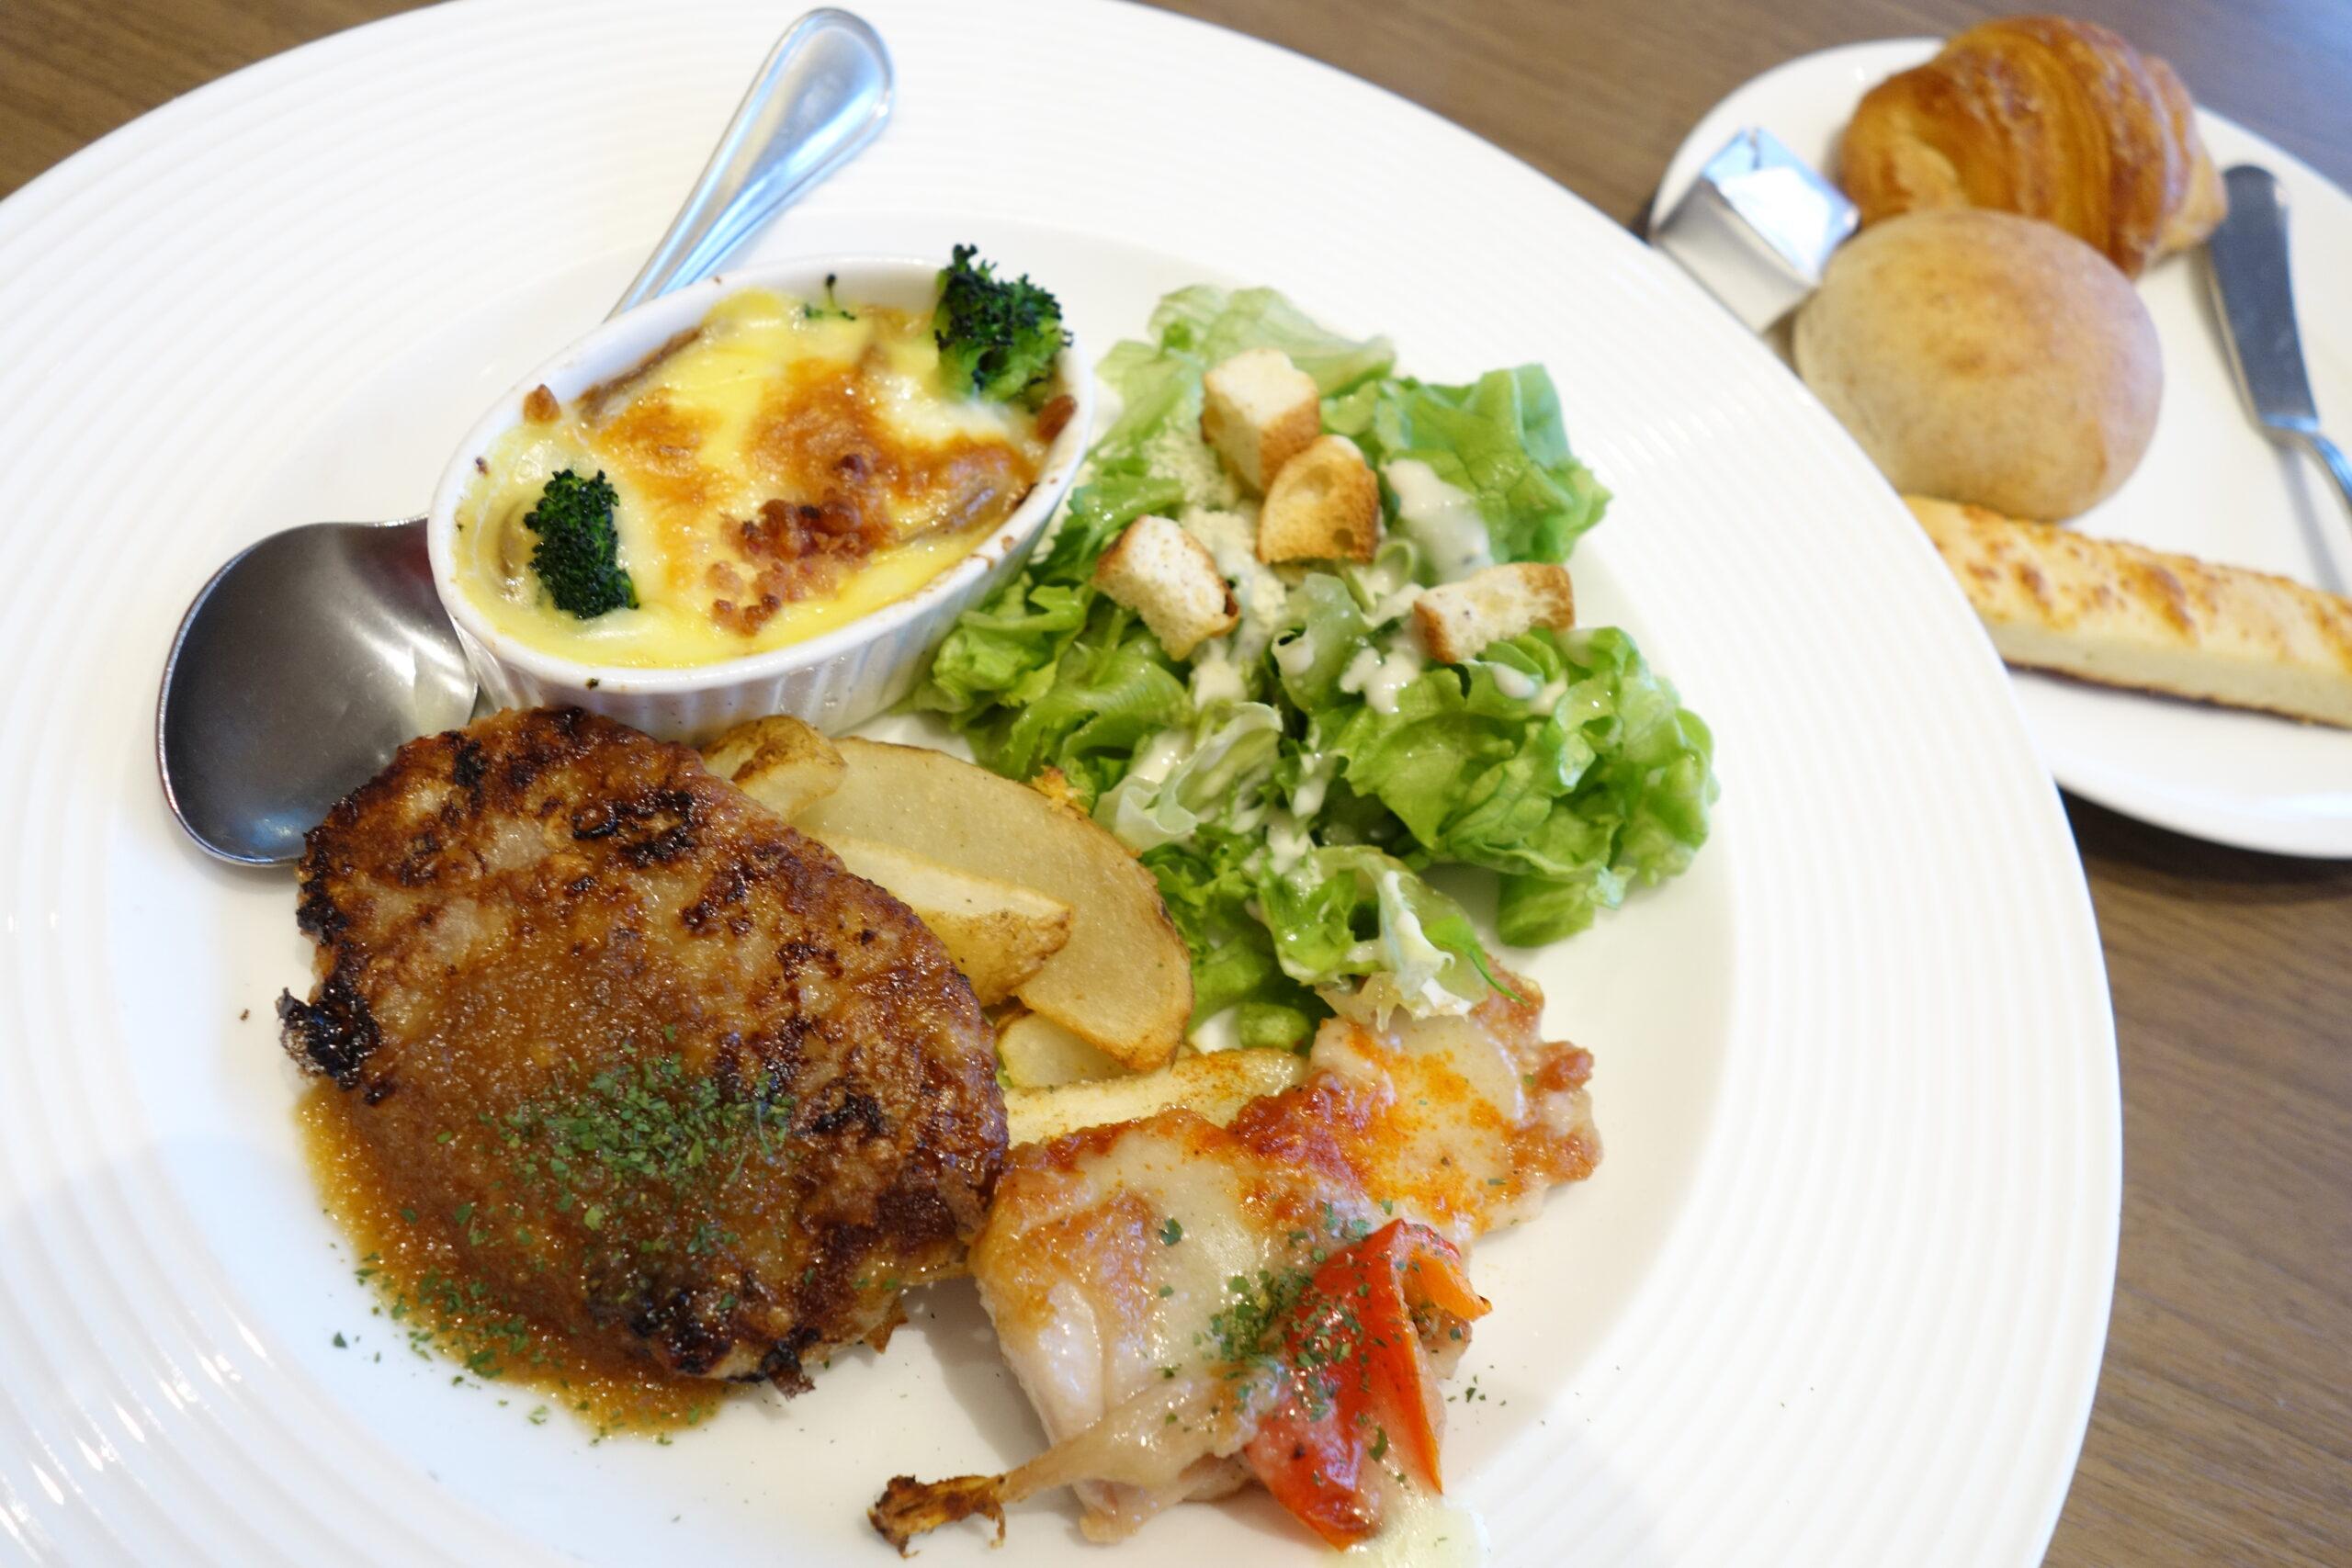 【バゲット】@イオンモール高岡店でパン食べ放題ランチを楽しむ。